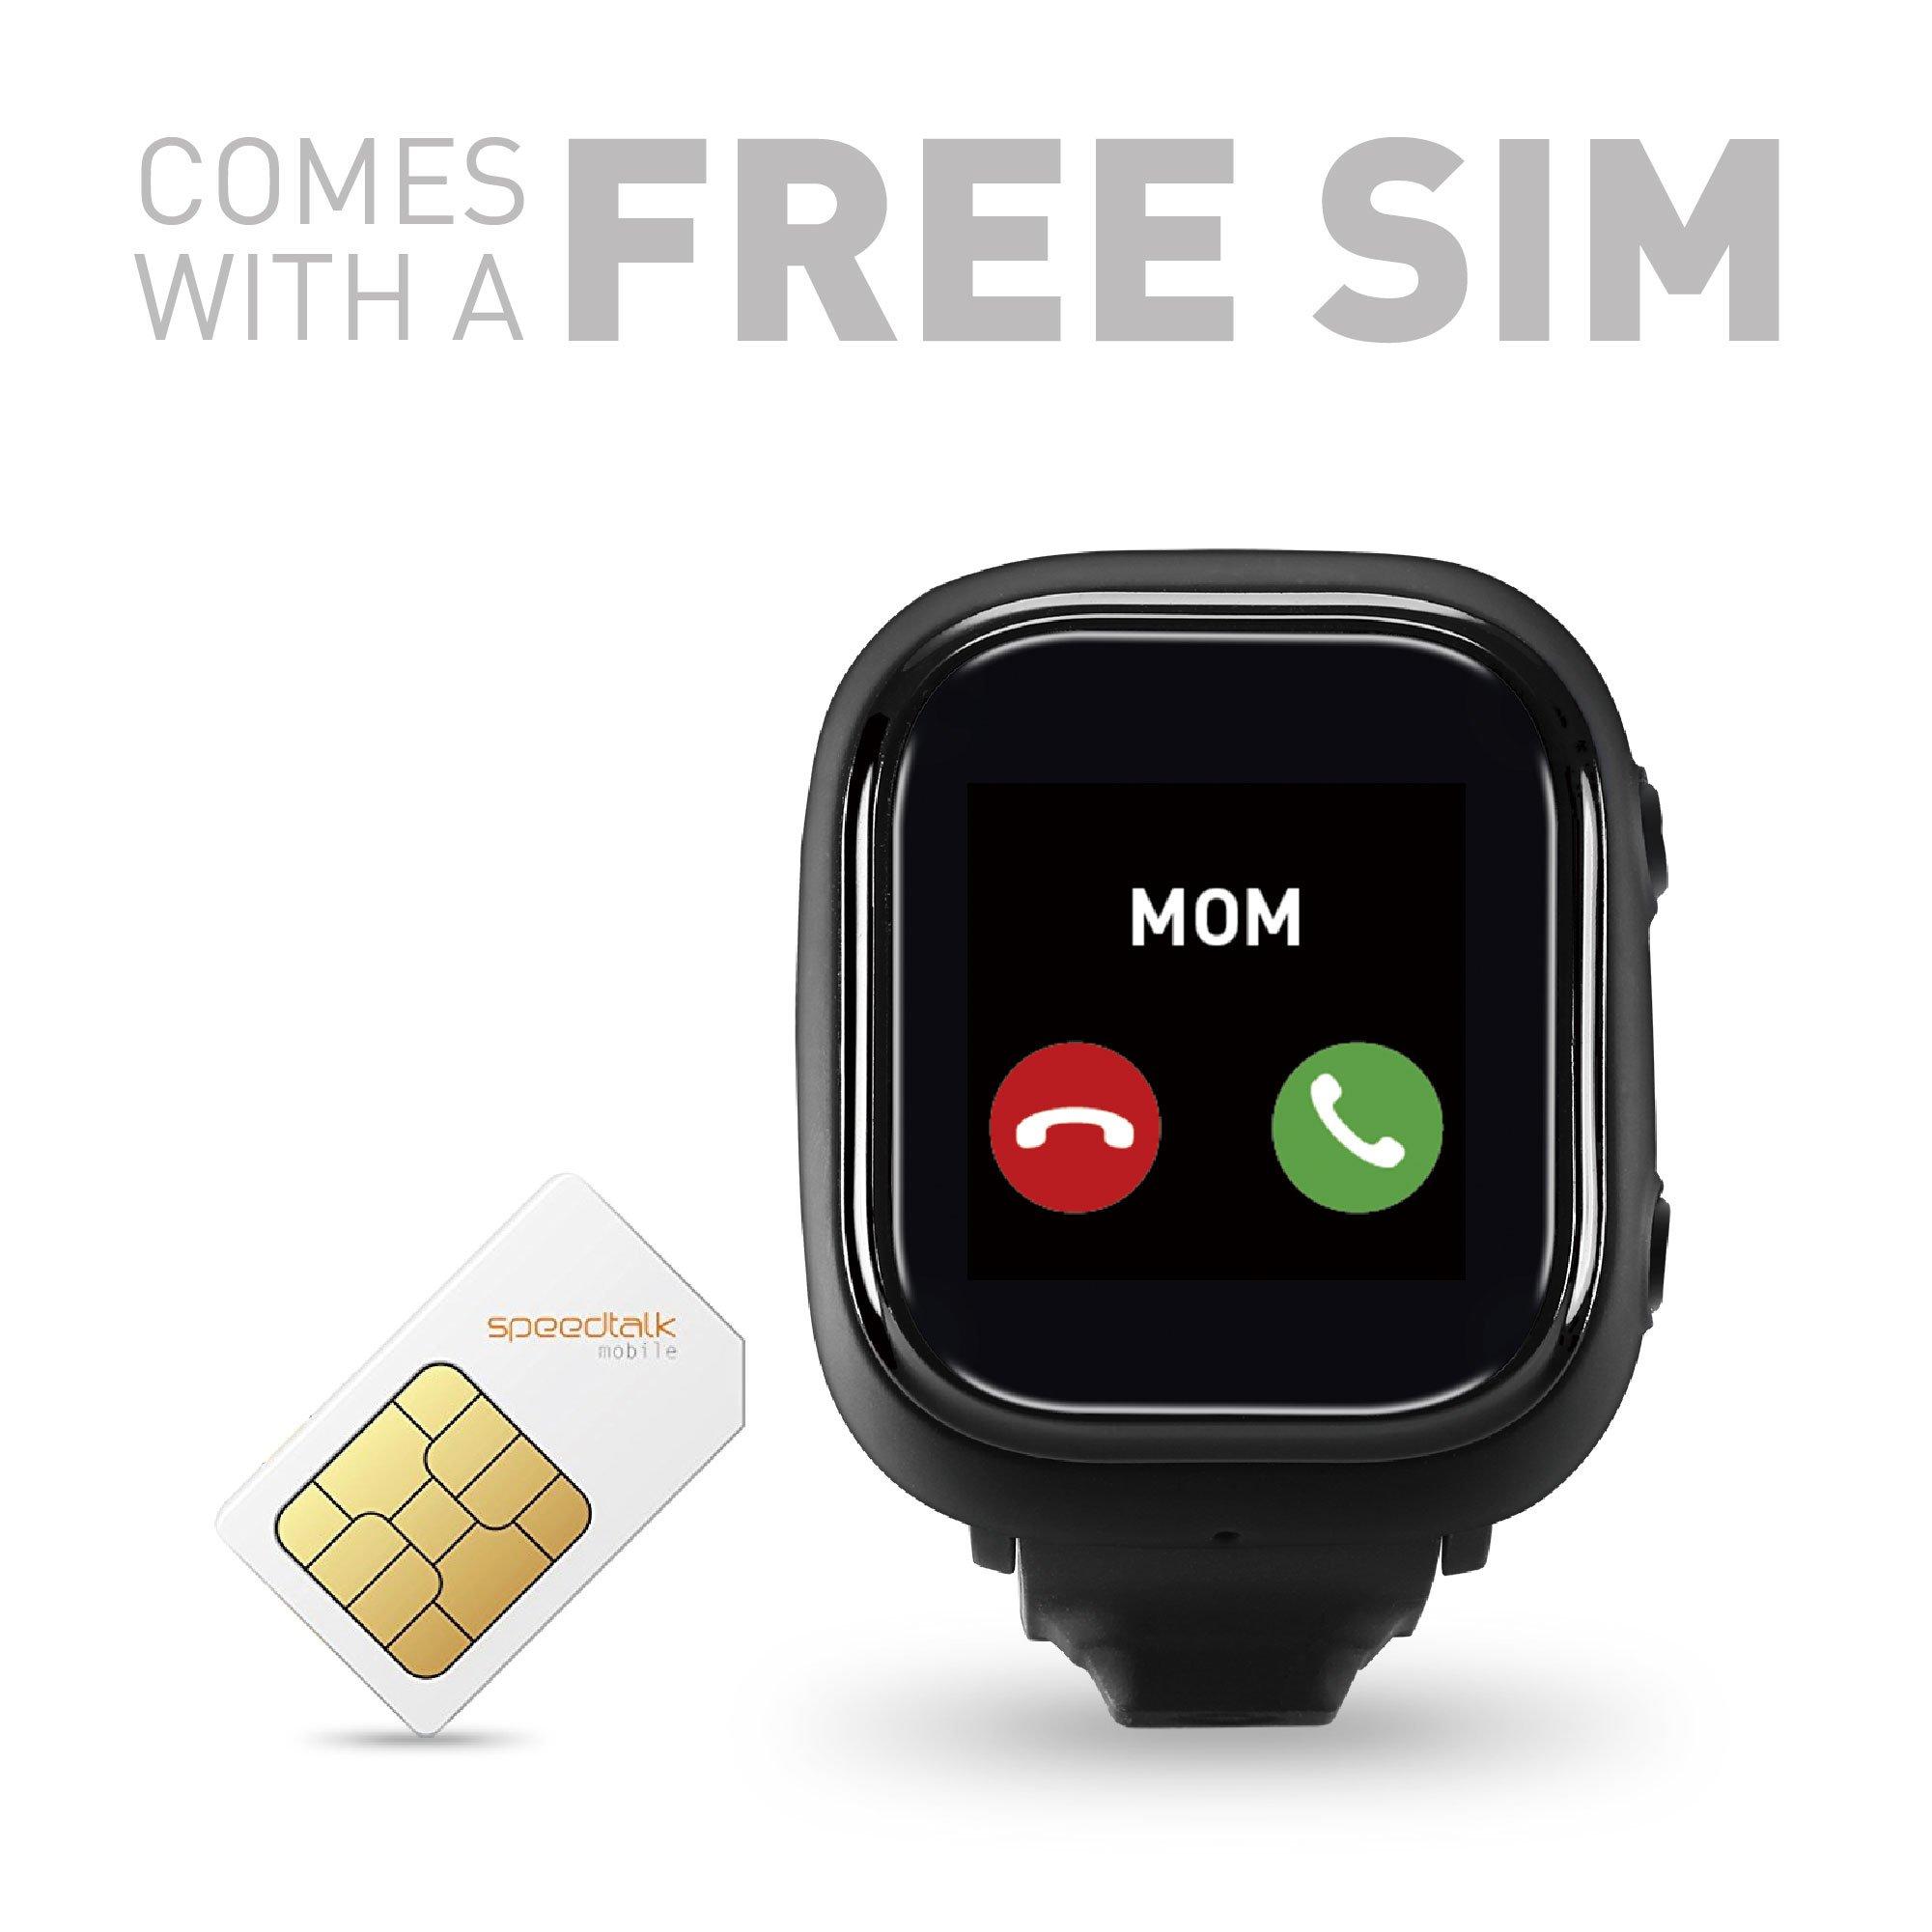 TickTalk 2 0 Touch Screen Kids Smart Watch, GPS Phone Watch